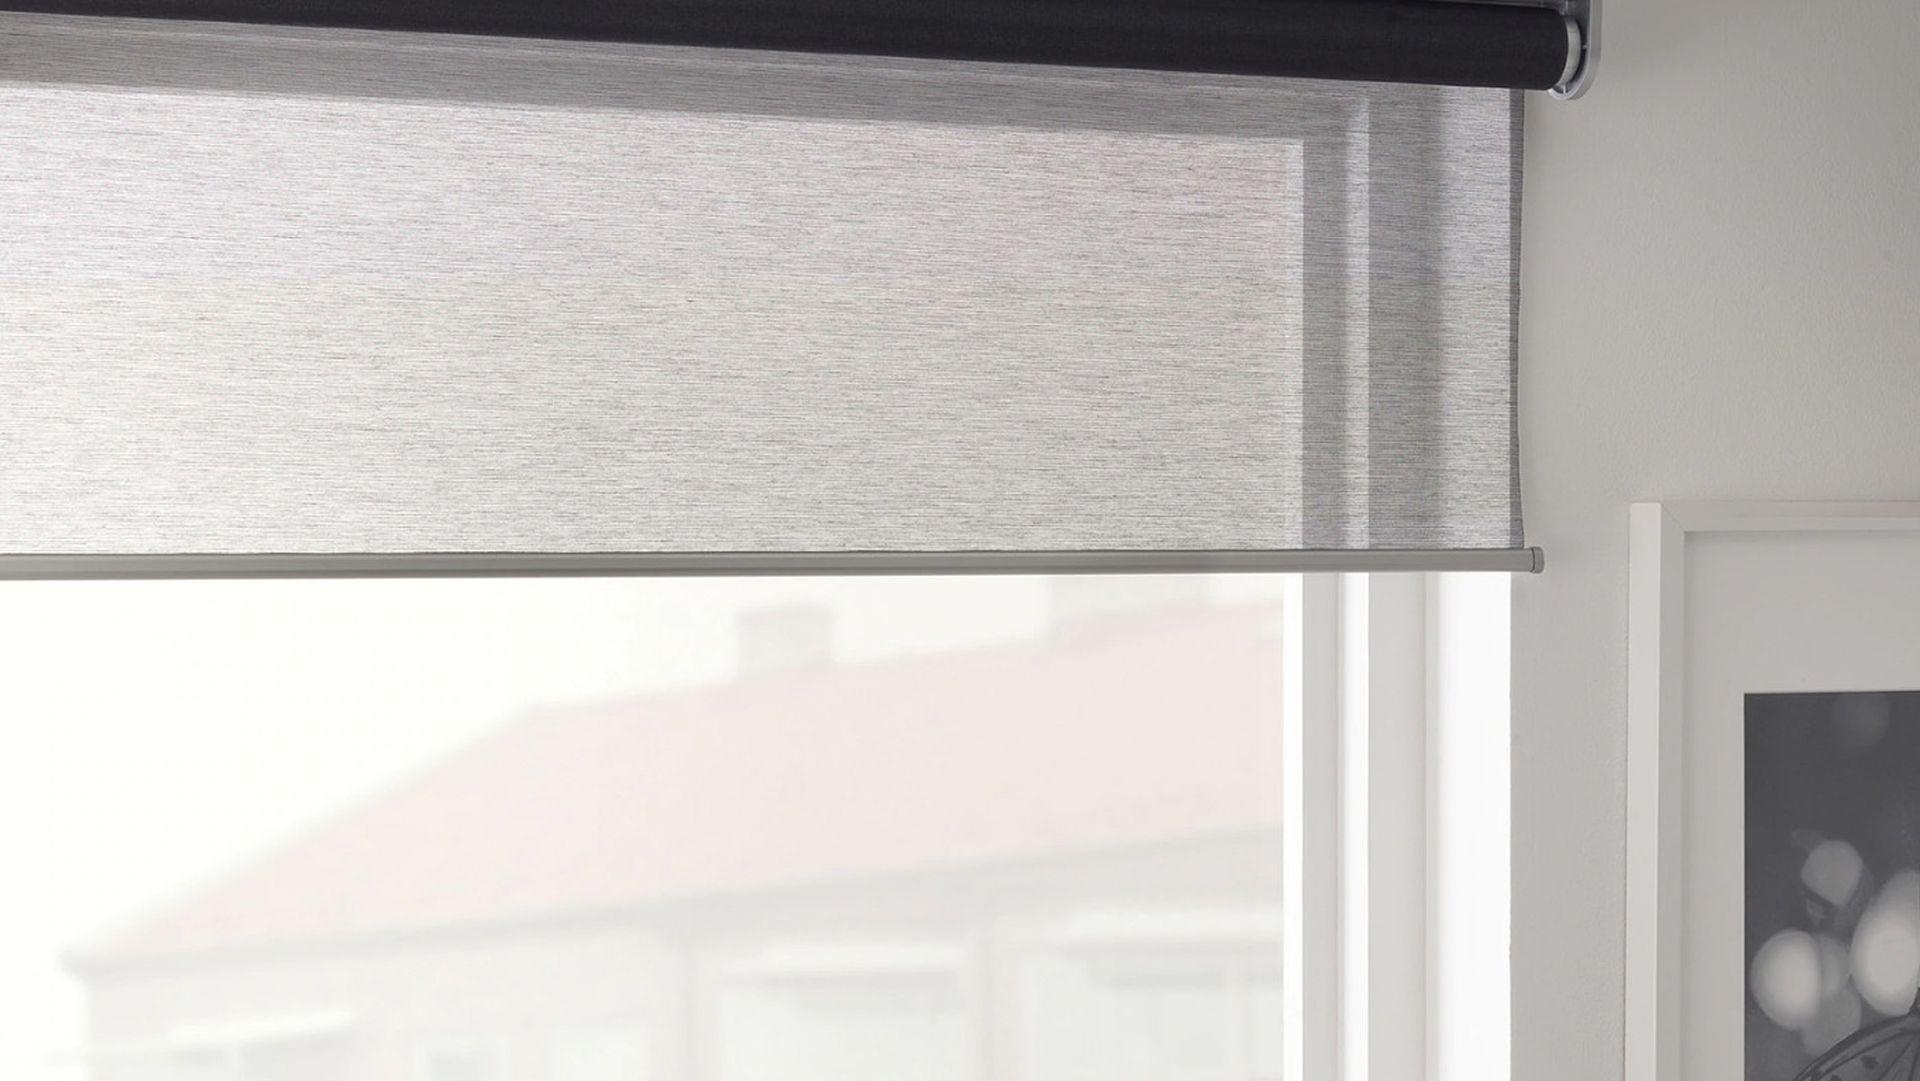 Ikea smart rolety mają dostać wsparcie dla HomeKit w 2020 roku